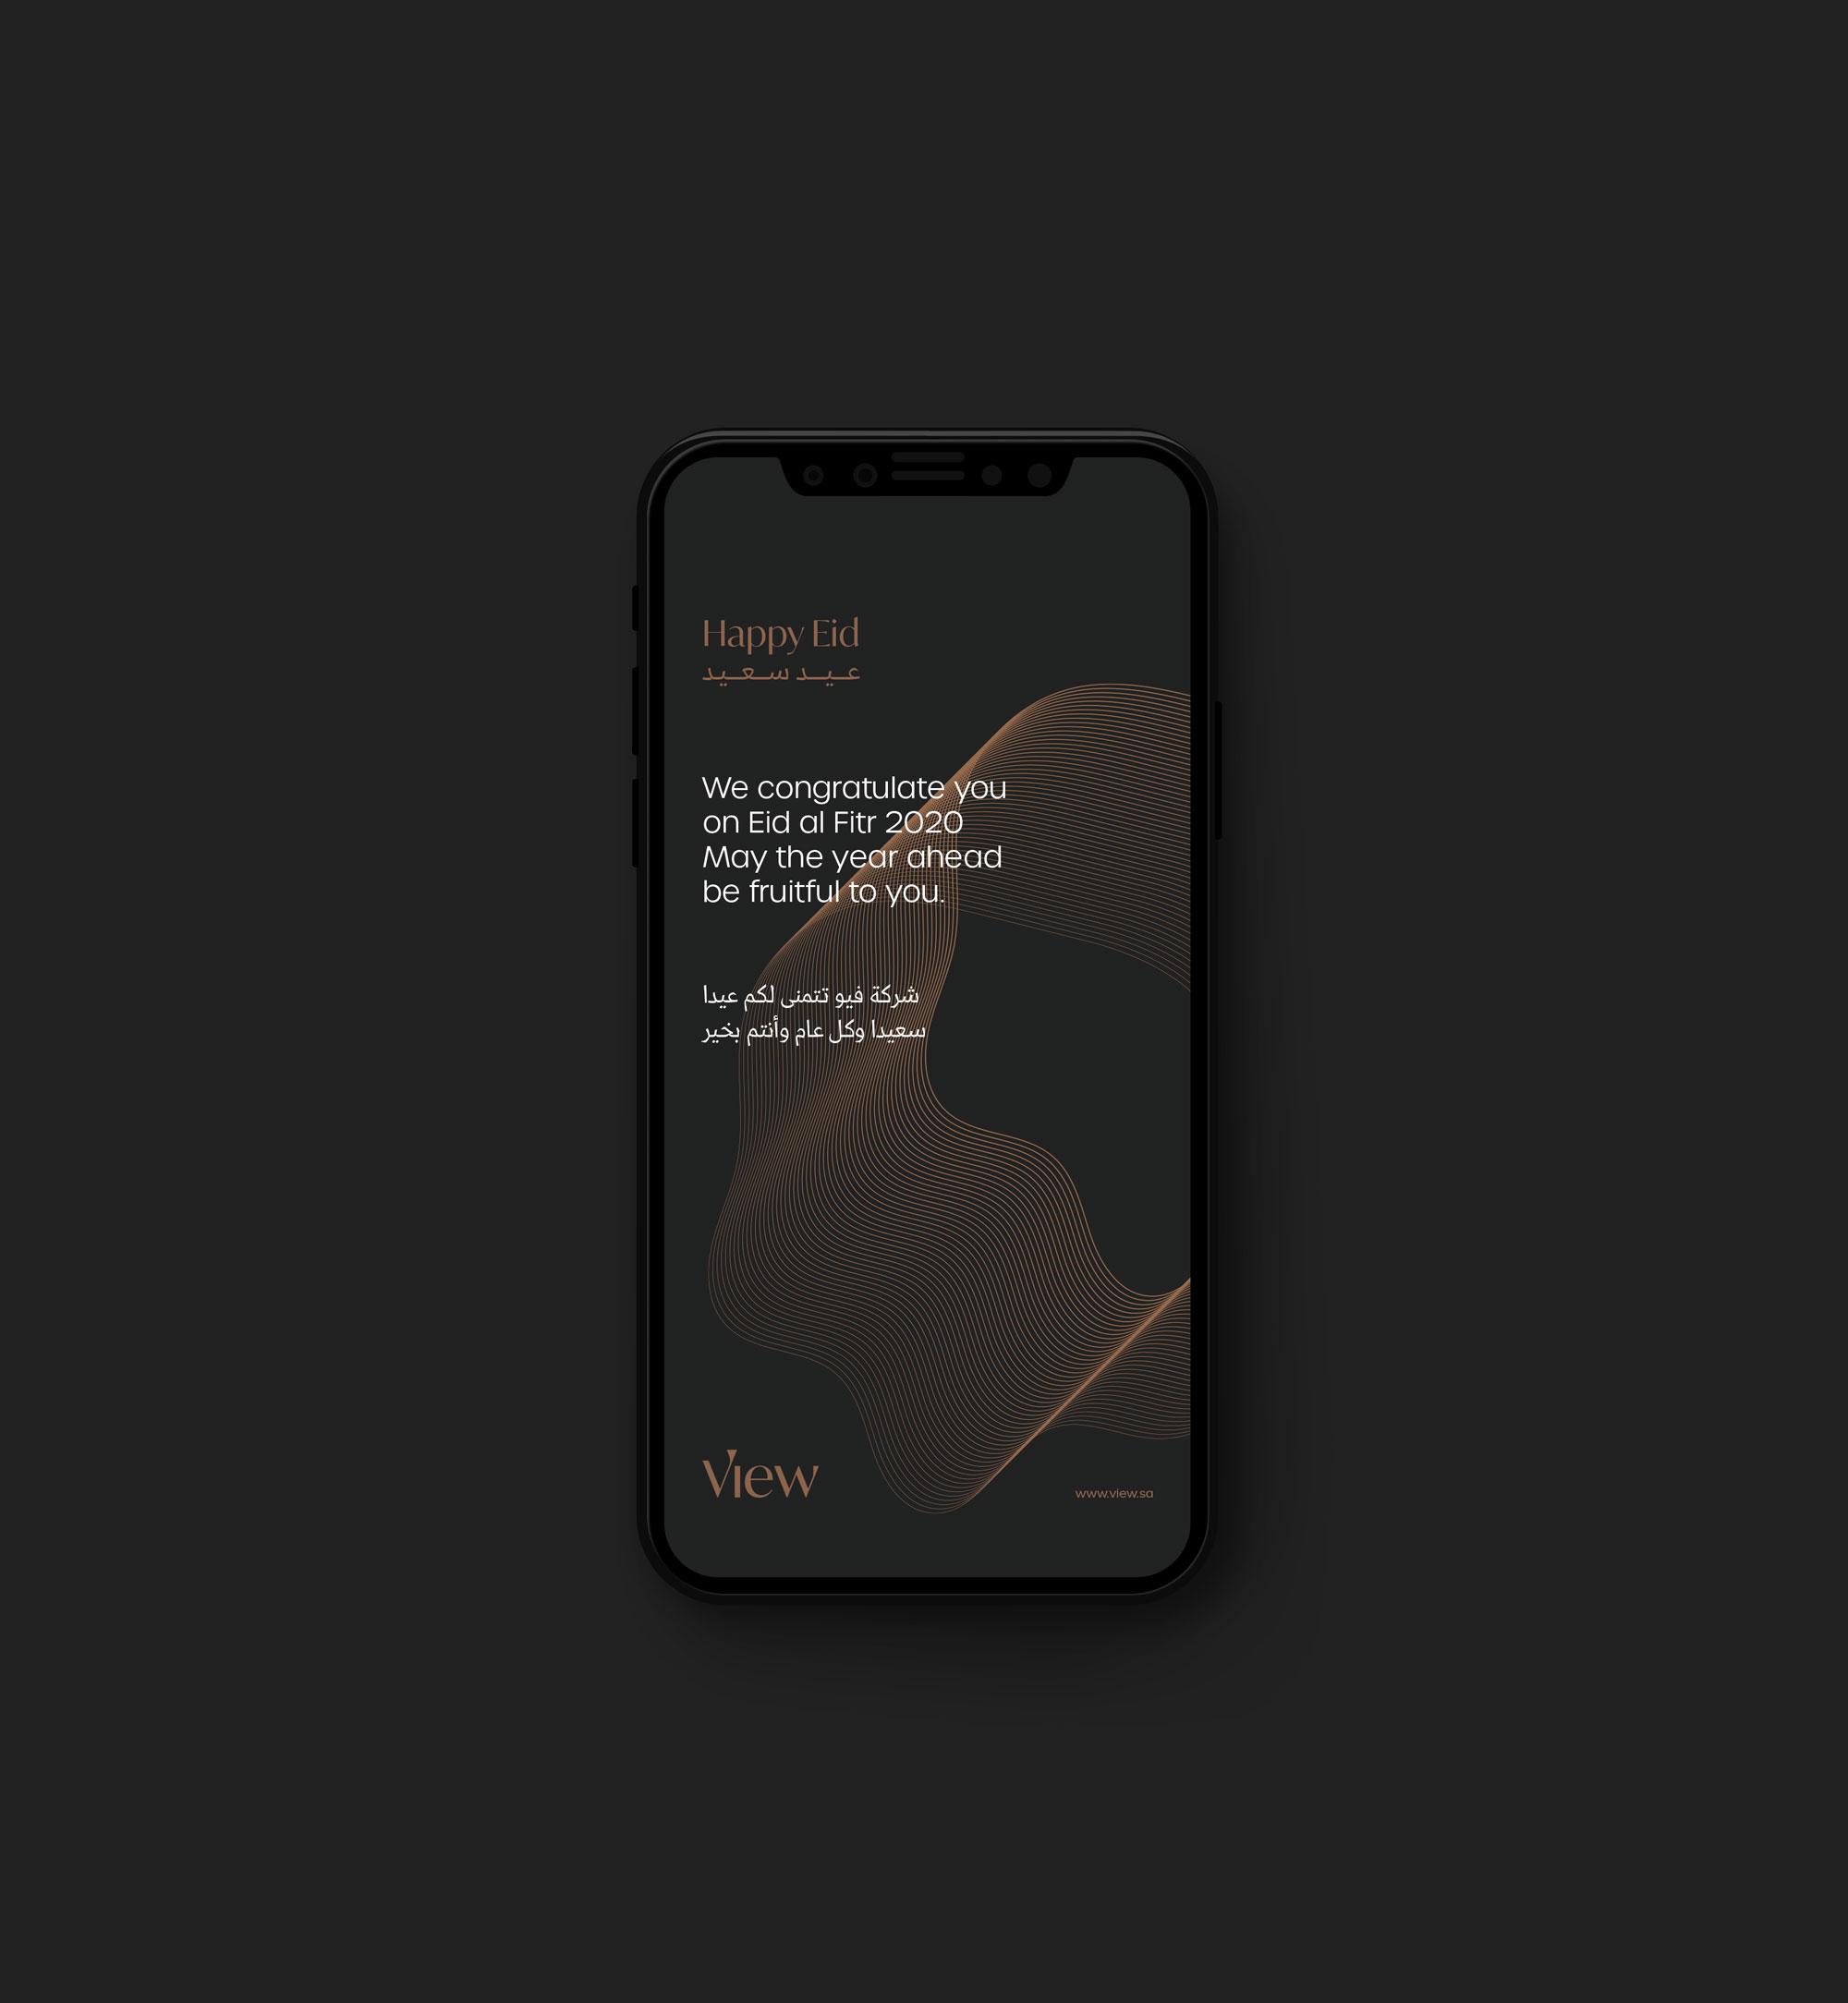 View-App-Work-by-YaStudio-03